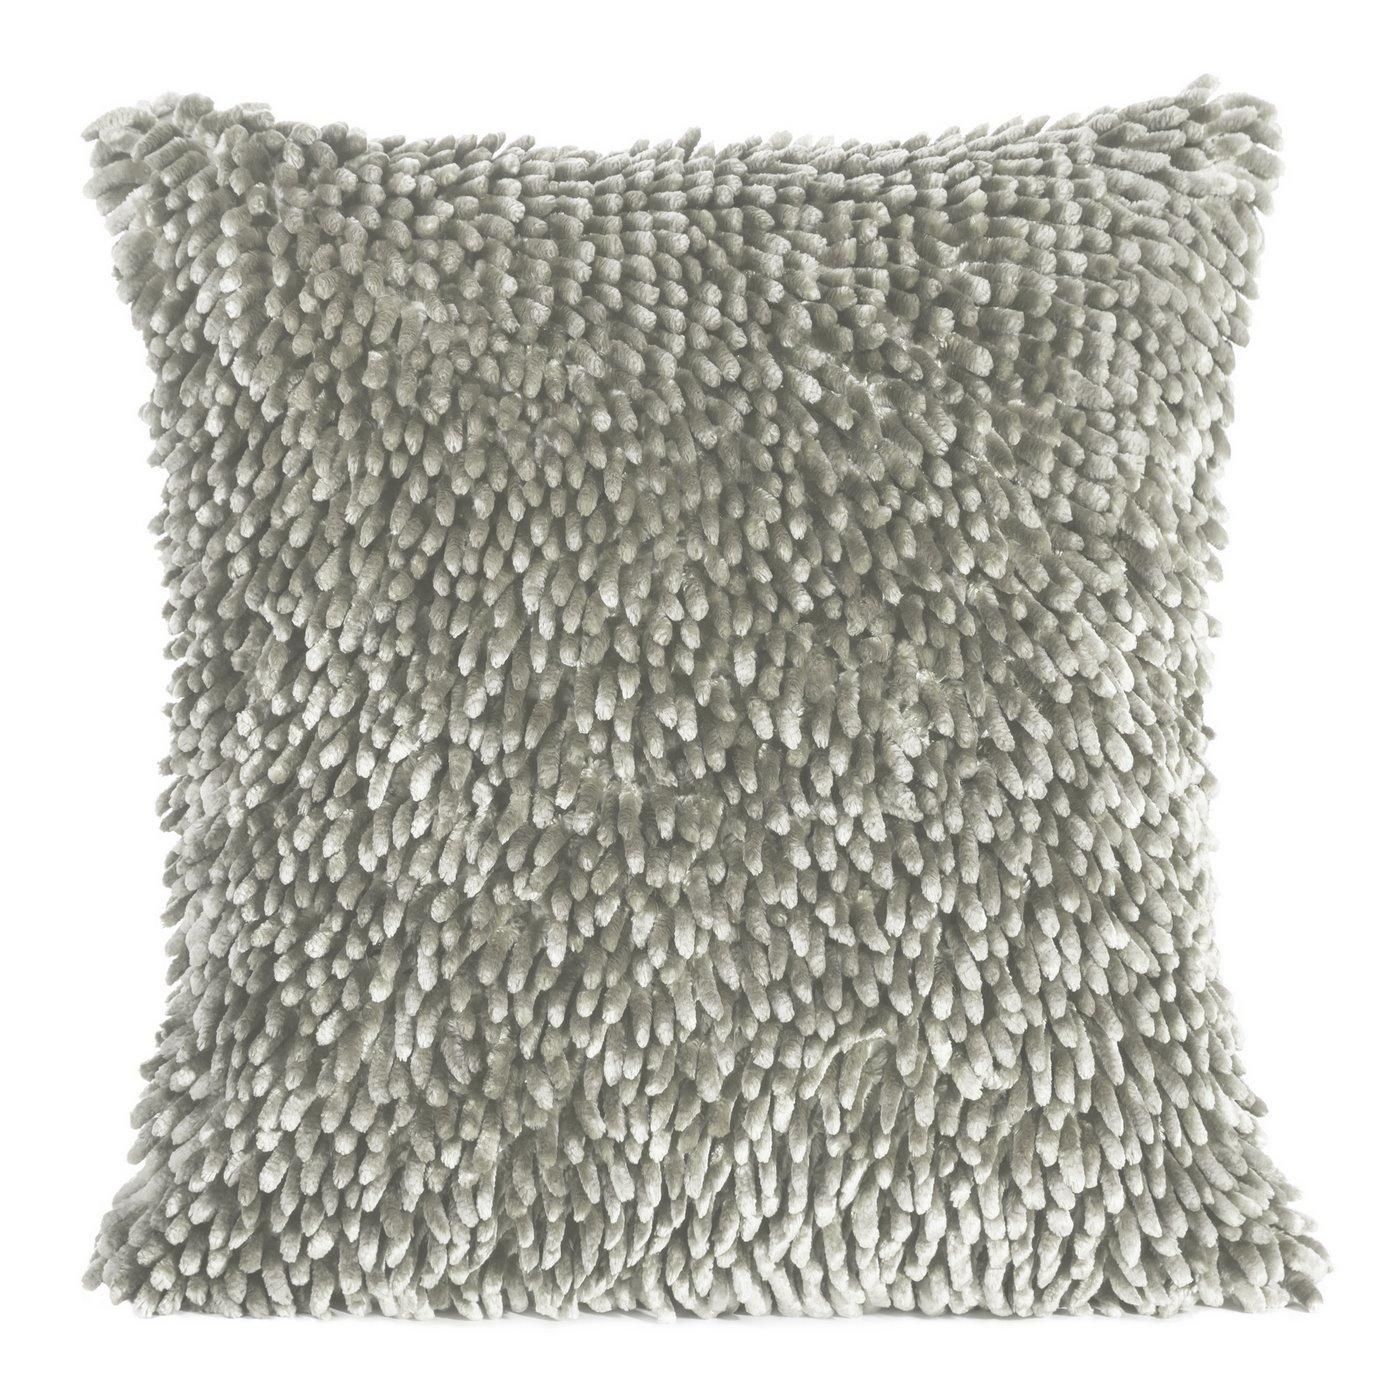 Poszewka dekoracyjna na poduszkę  50 x 50 Kolor Srebrny